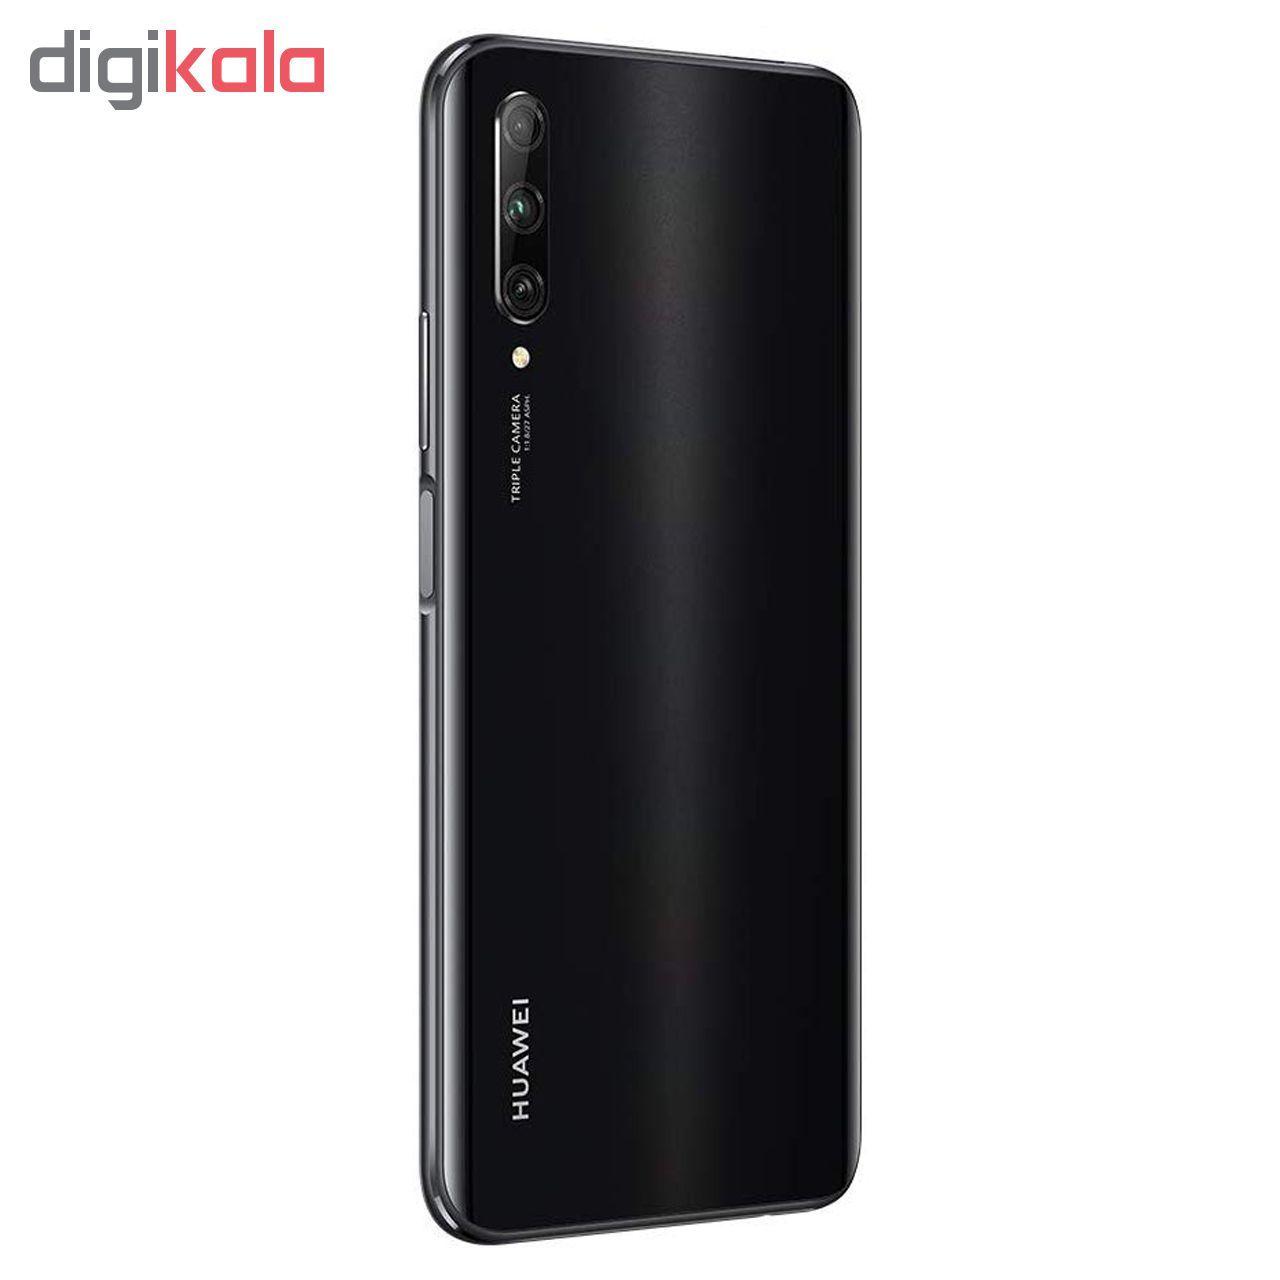 گوشی موبایل هوآوی مدل Y9s STK-L21 دو سیم کارت ظرفیت 128 گیگابایت main 1 1